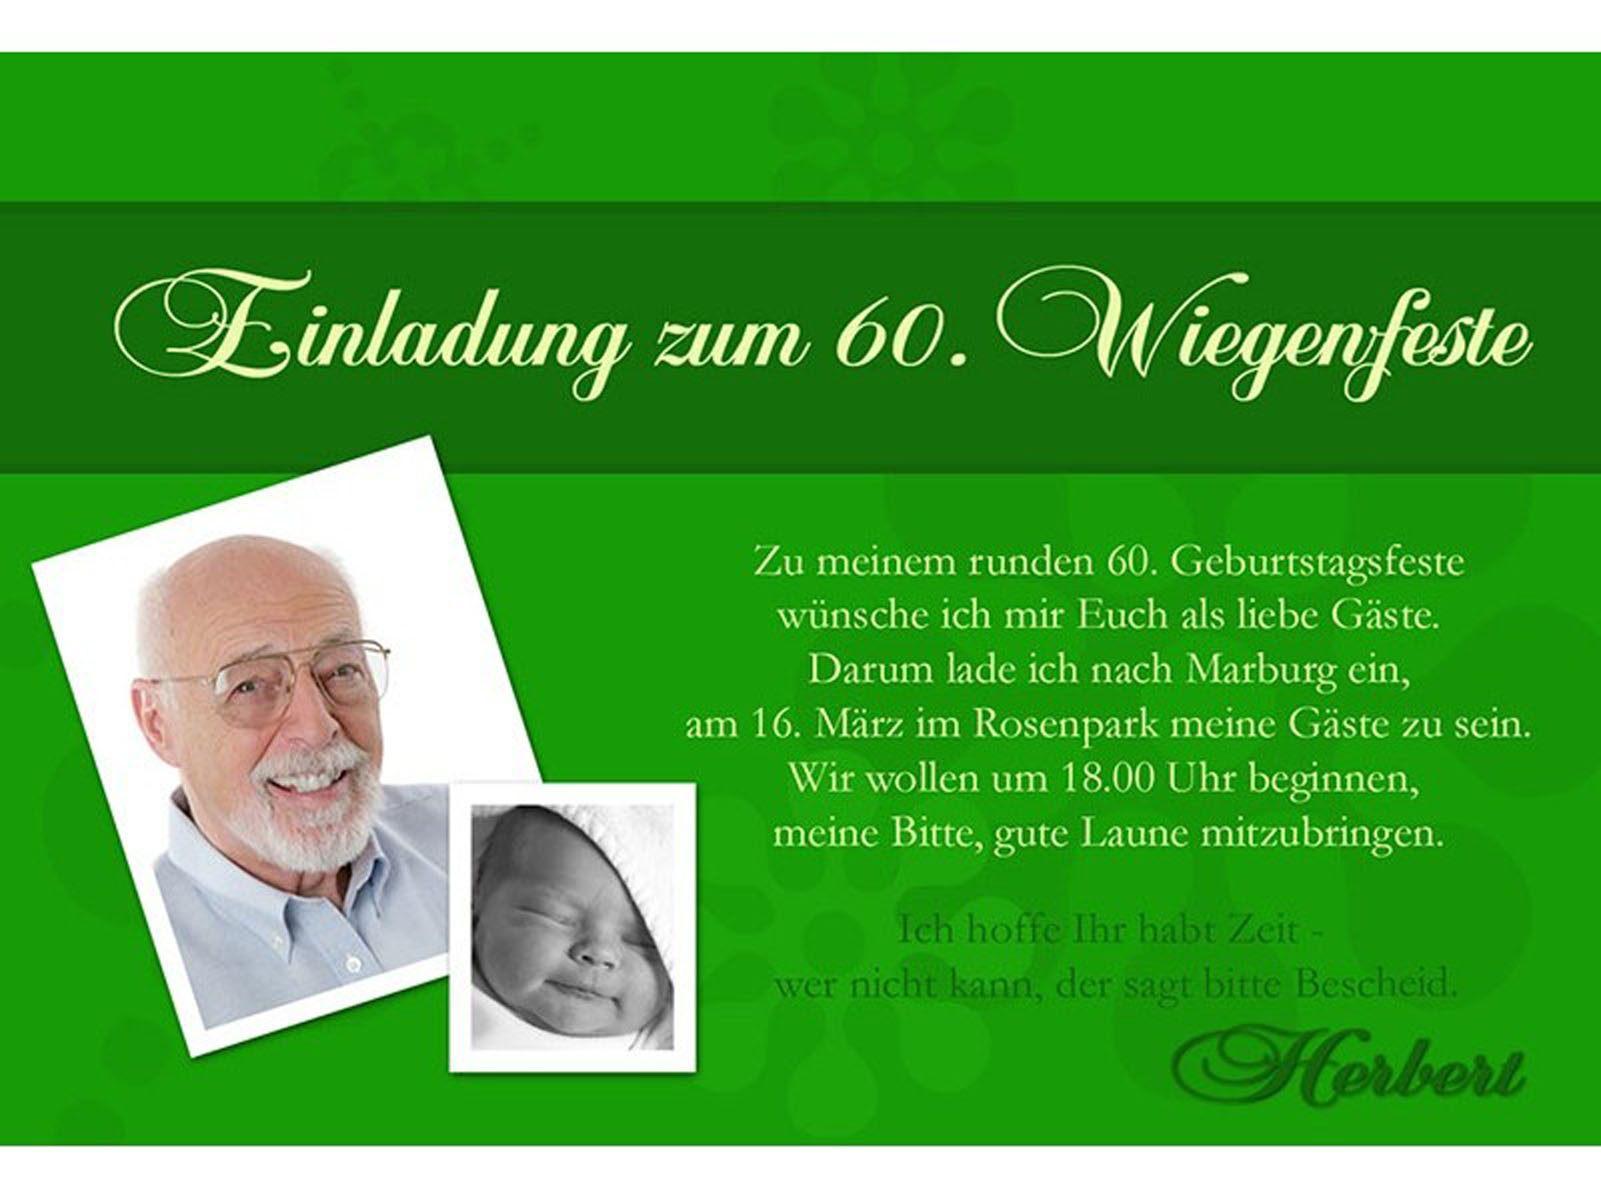 Einladung Geburtstag : Einladung Zum Geburtstag Text   Geburstag  Einladungskarten   Geburstag Einladungskarten